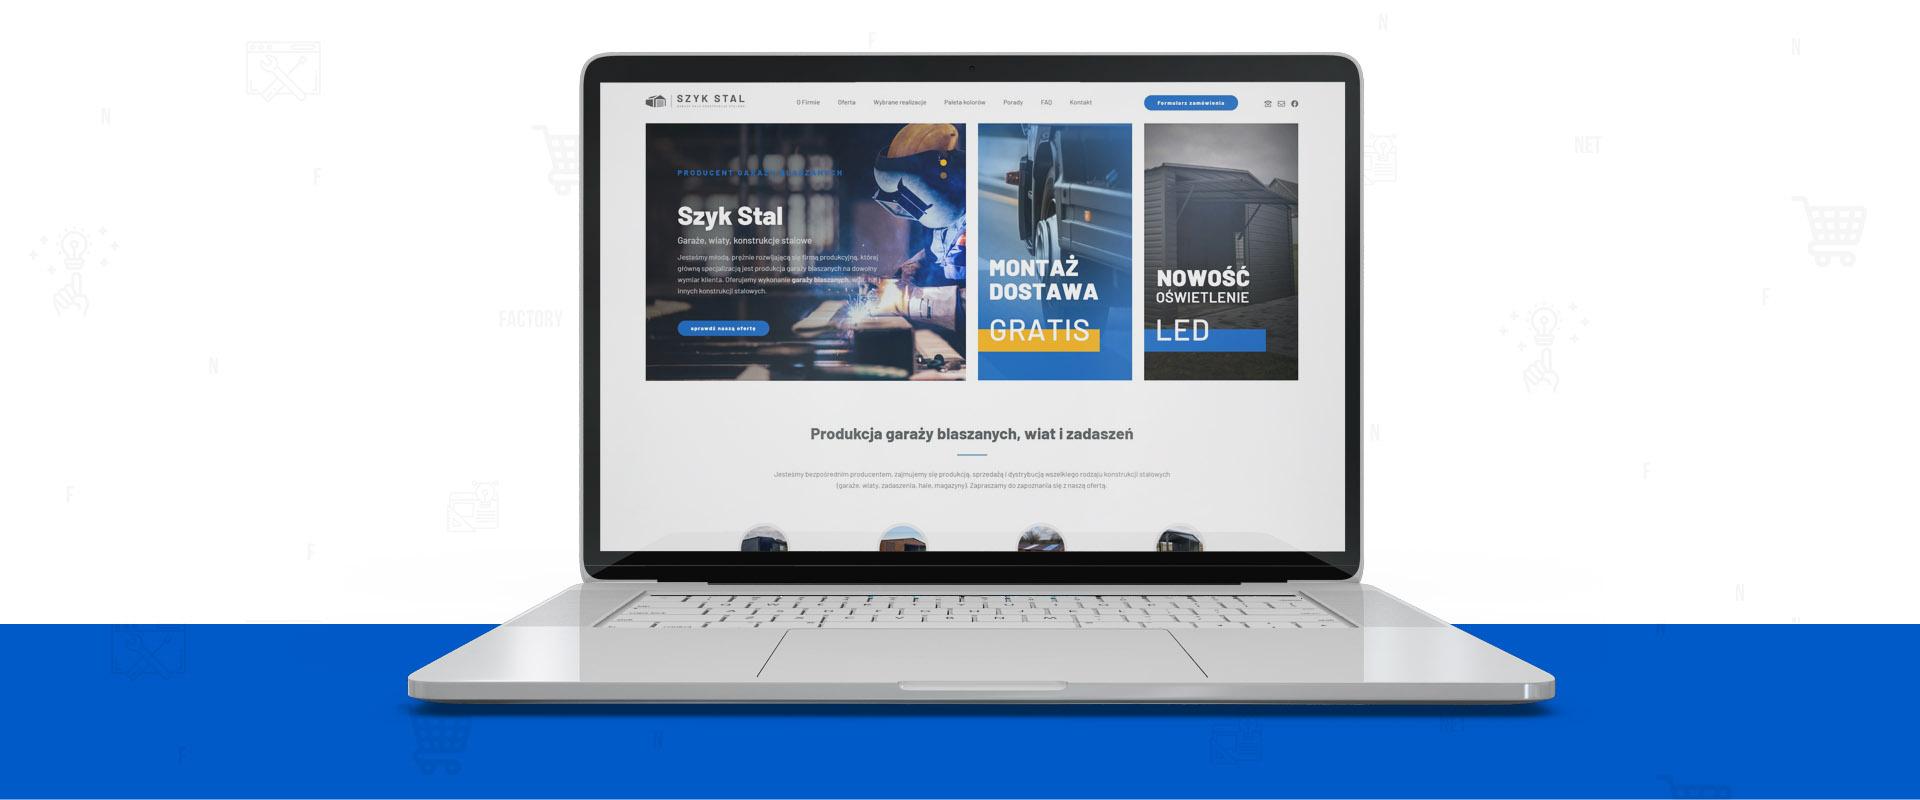 Responsywna strona internetowa dla firmy Szyk Stal